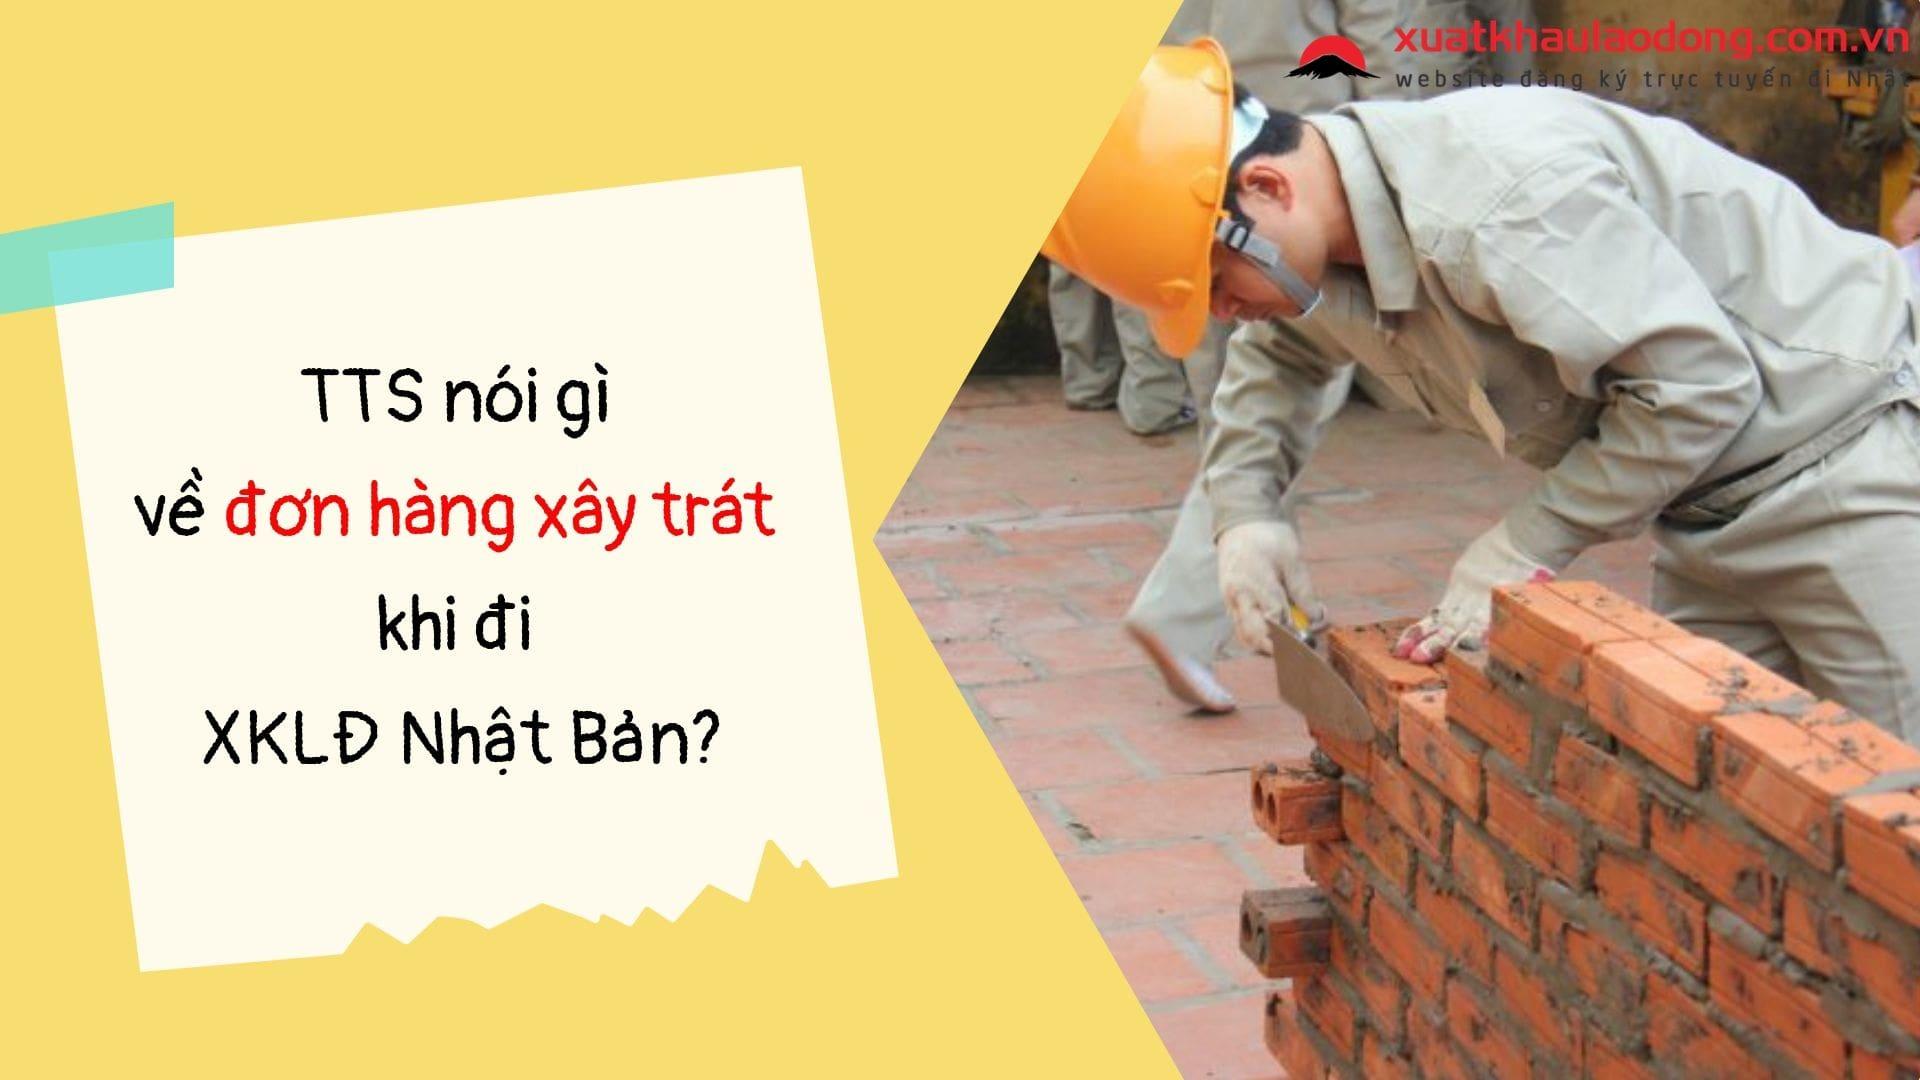 TTS nói gì về công việc thực tế của đơn hàng xây trát Nhật Bản?